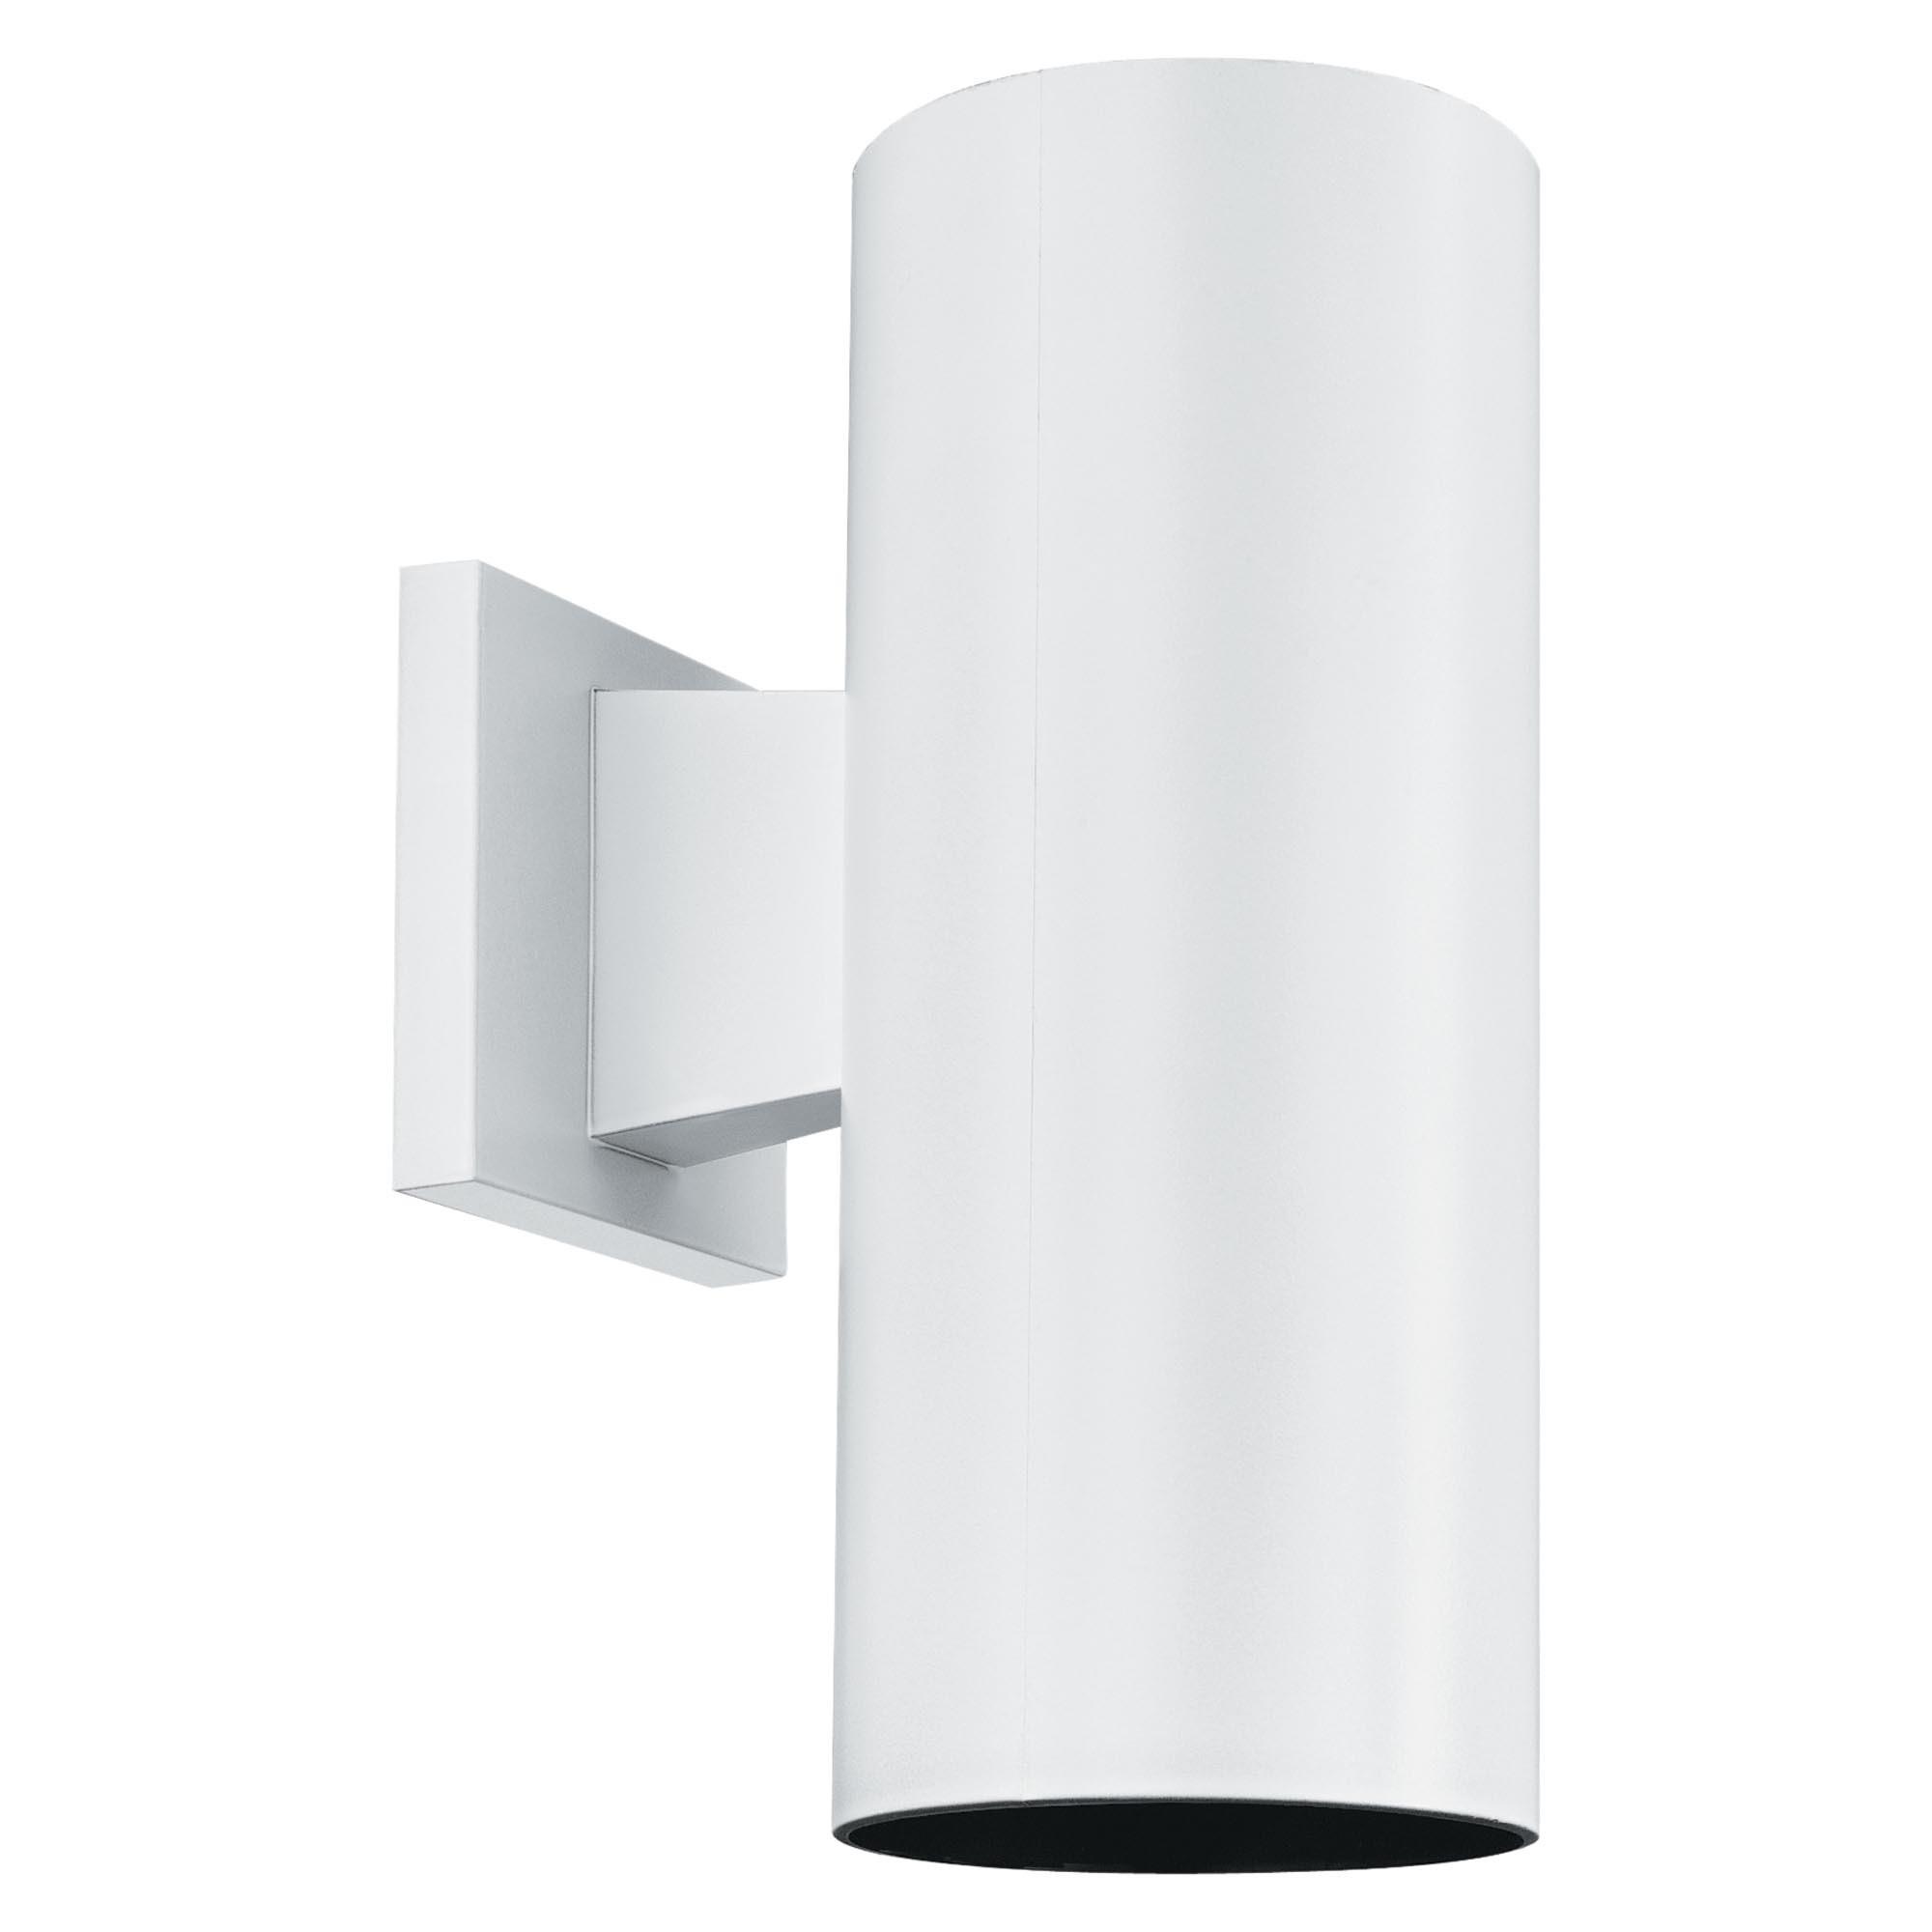 White Plastic Outdoor Light Fixtures • Outdoor Lighting Intended For Plastic Outdoor Ceiling Lights (#15 of 15)